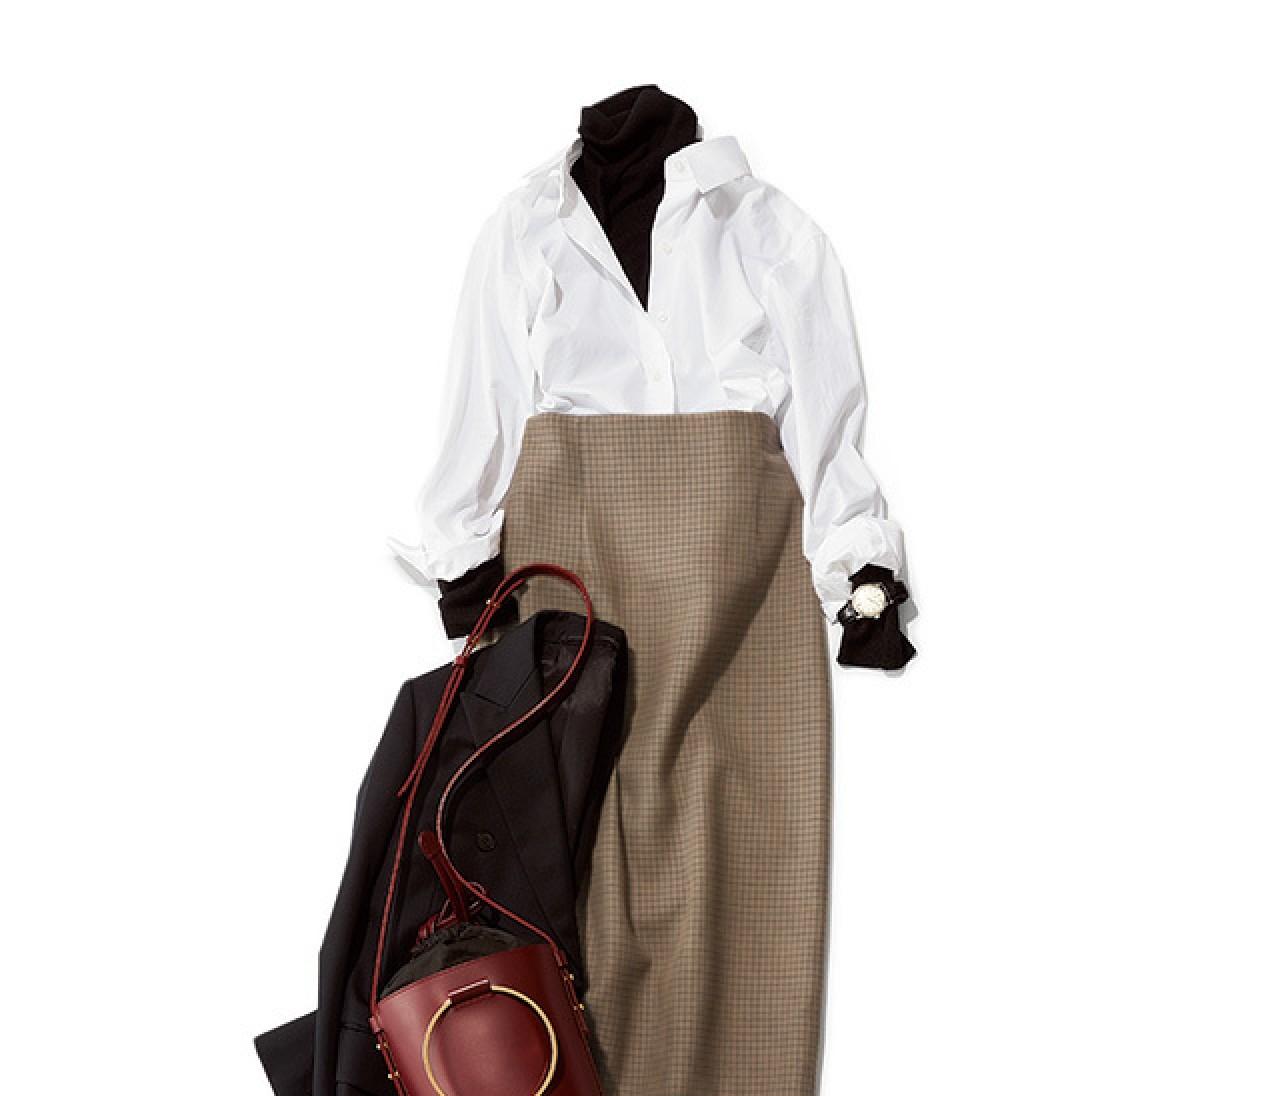 旬度&女っぷりUP! カッチリコーデの日は、バッグでさりげなく差し色を♡